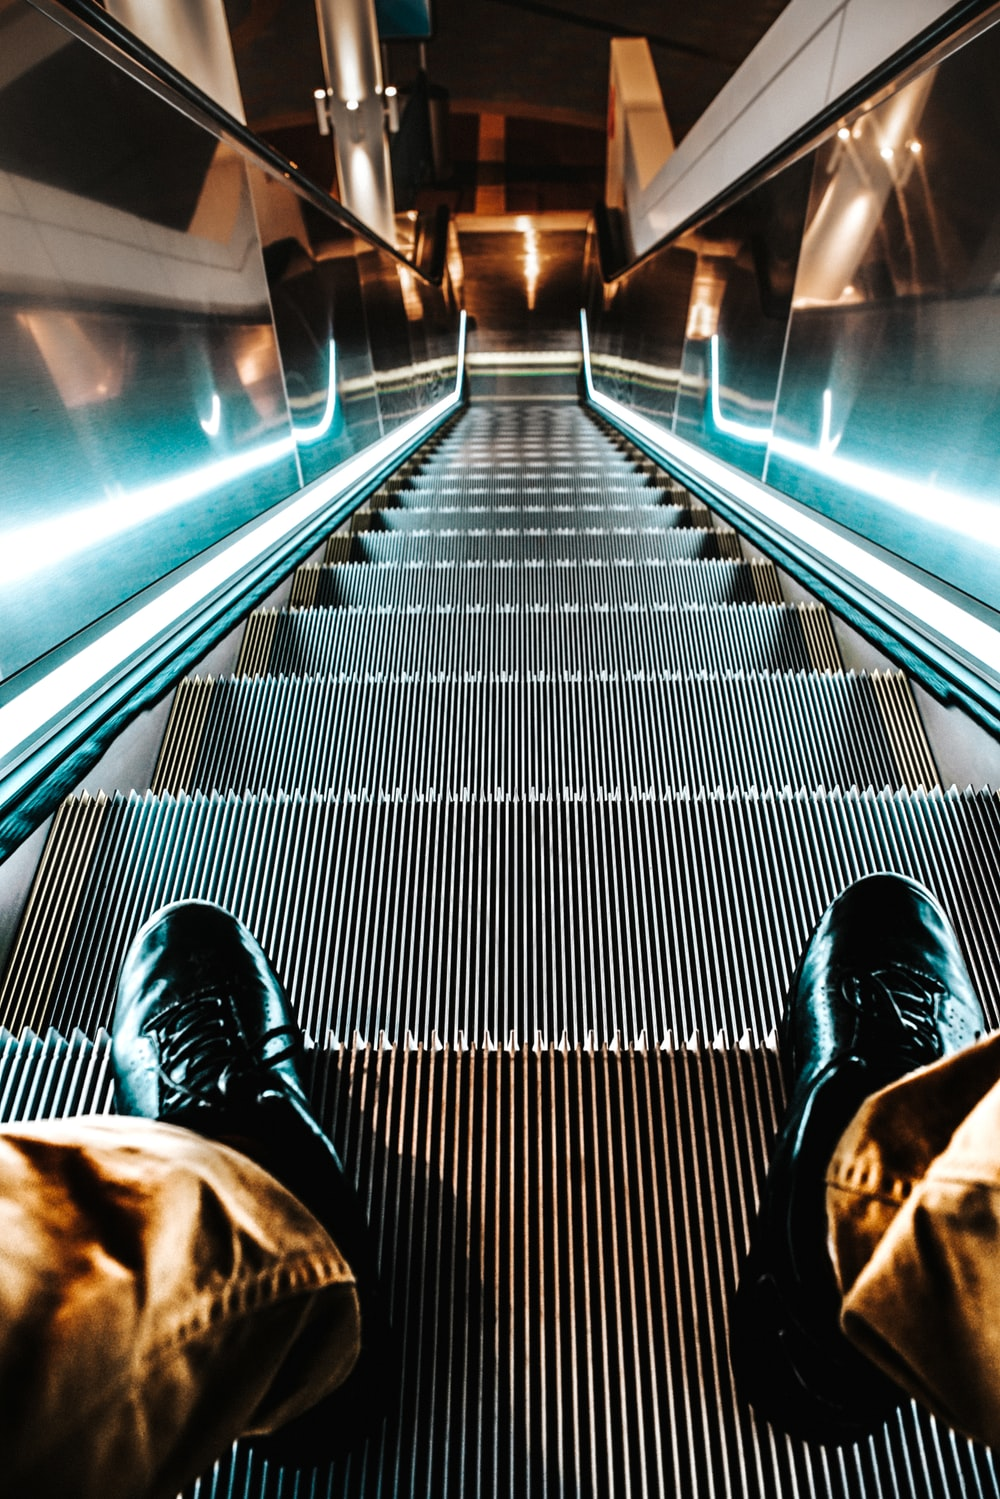 person on escalator